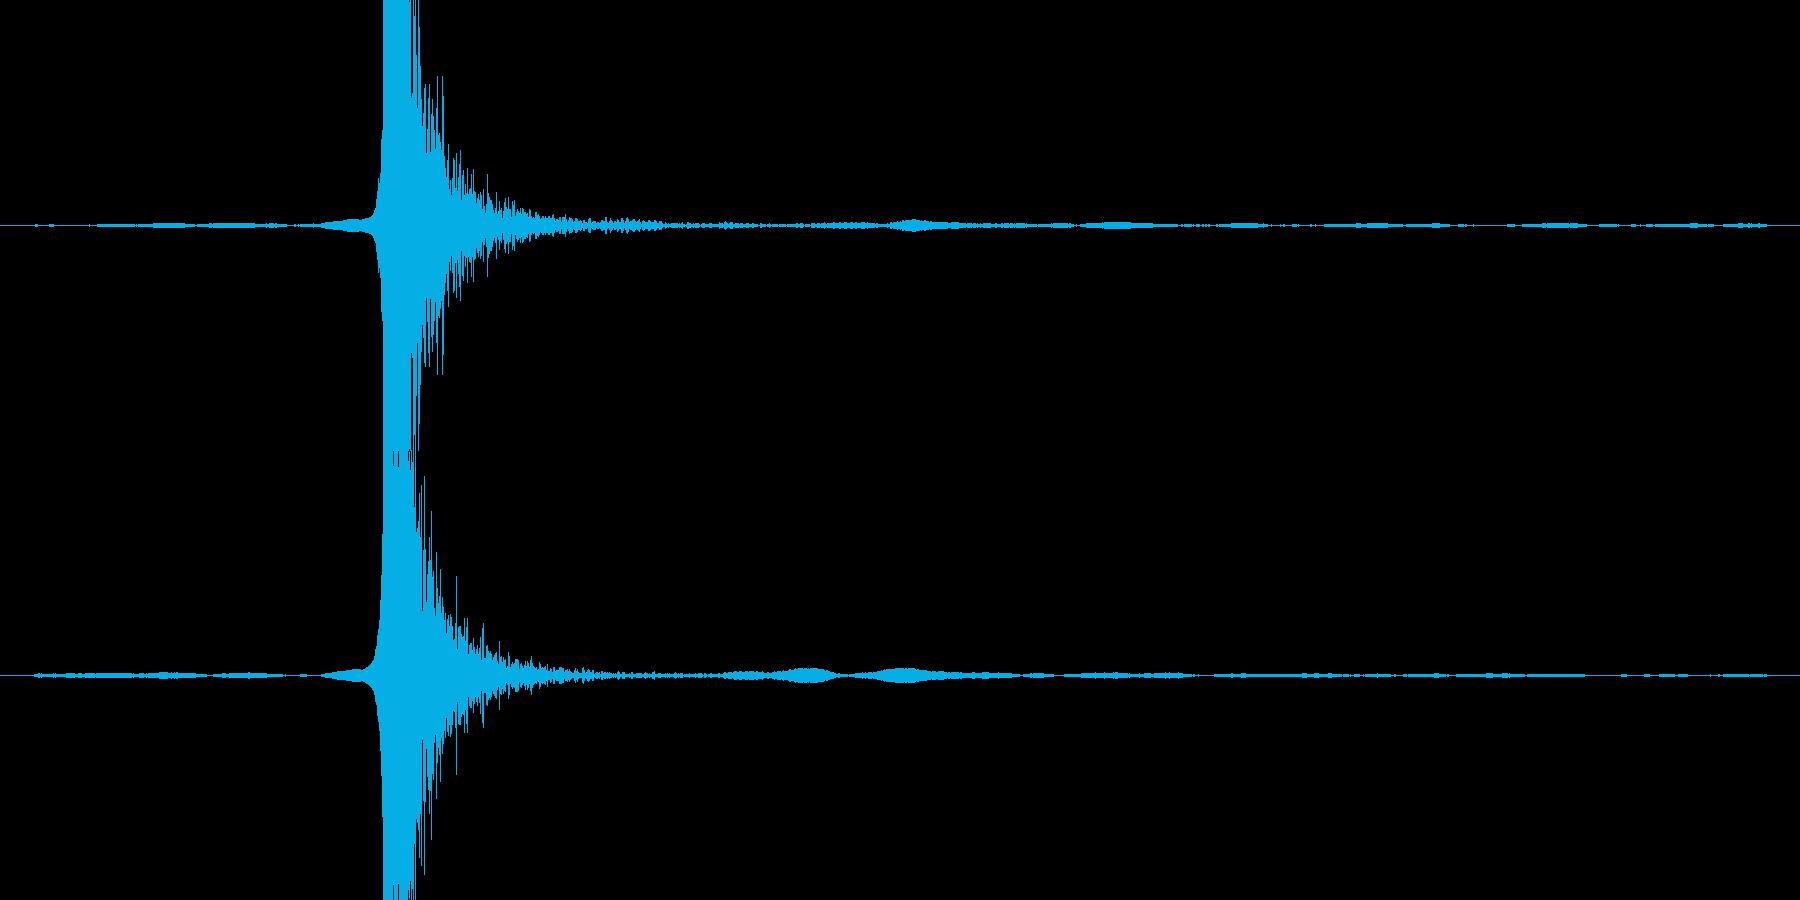 ガラステーブルにグラスを置く音の再生済みの波形